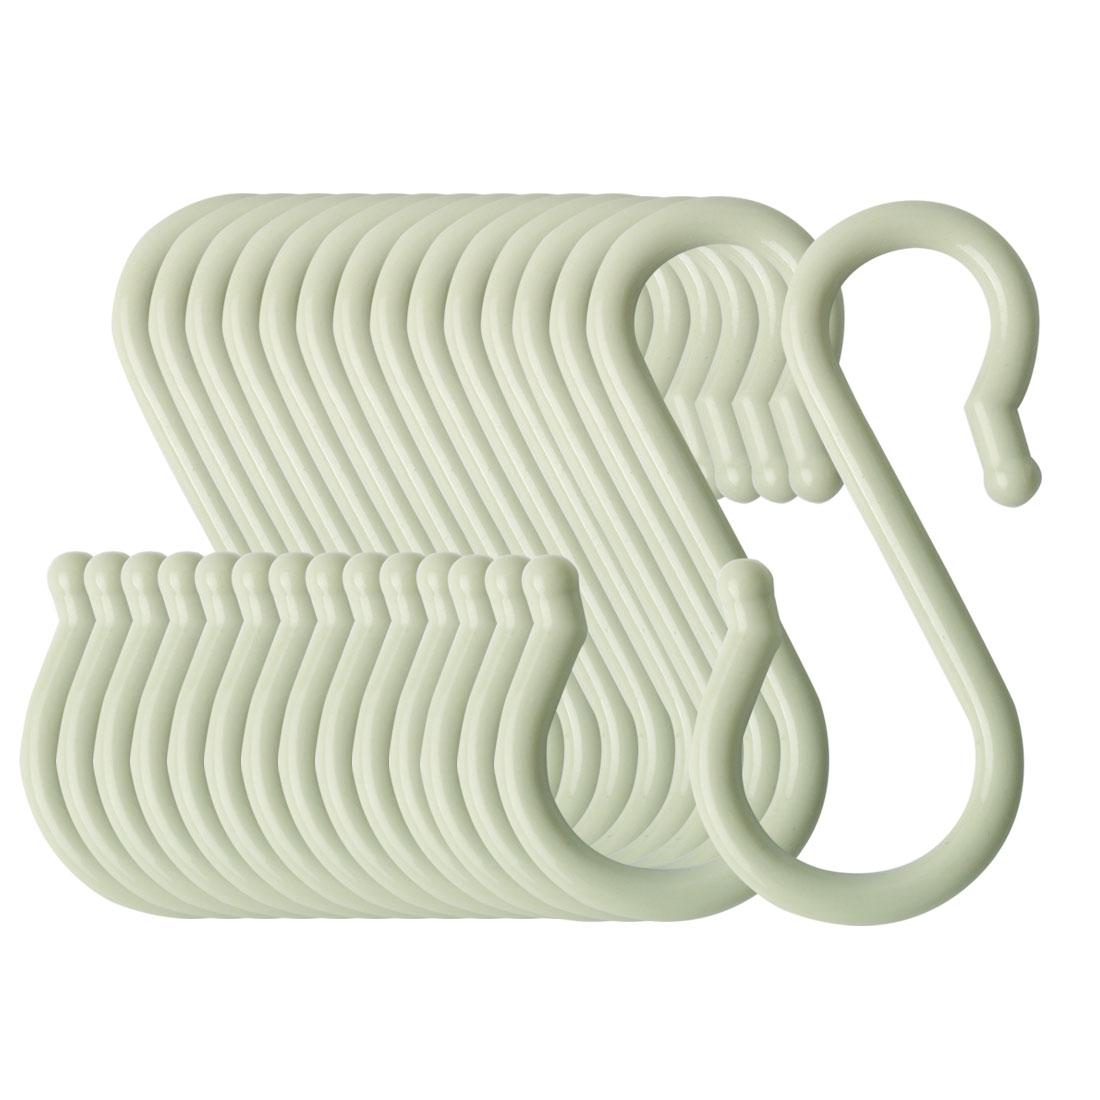 15 Pack S Shaped Hook Plastic for Kitchen Utensils Towel Hanger Light Green